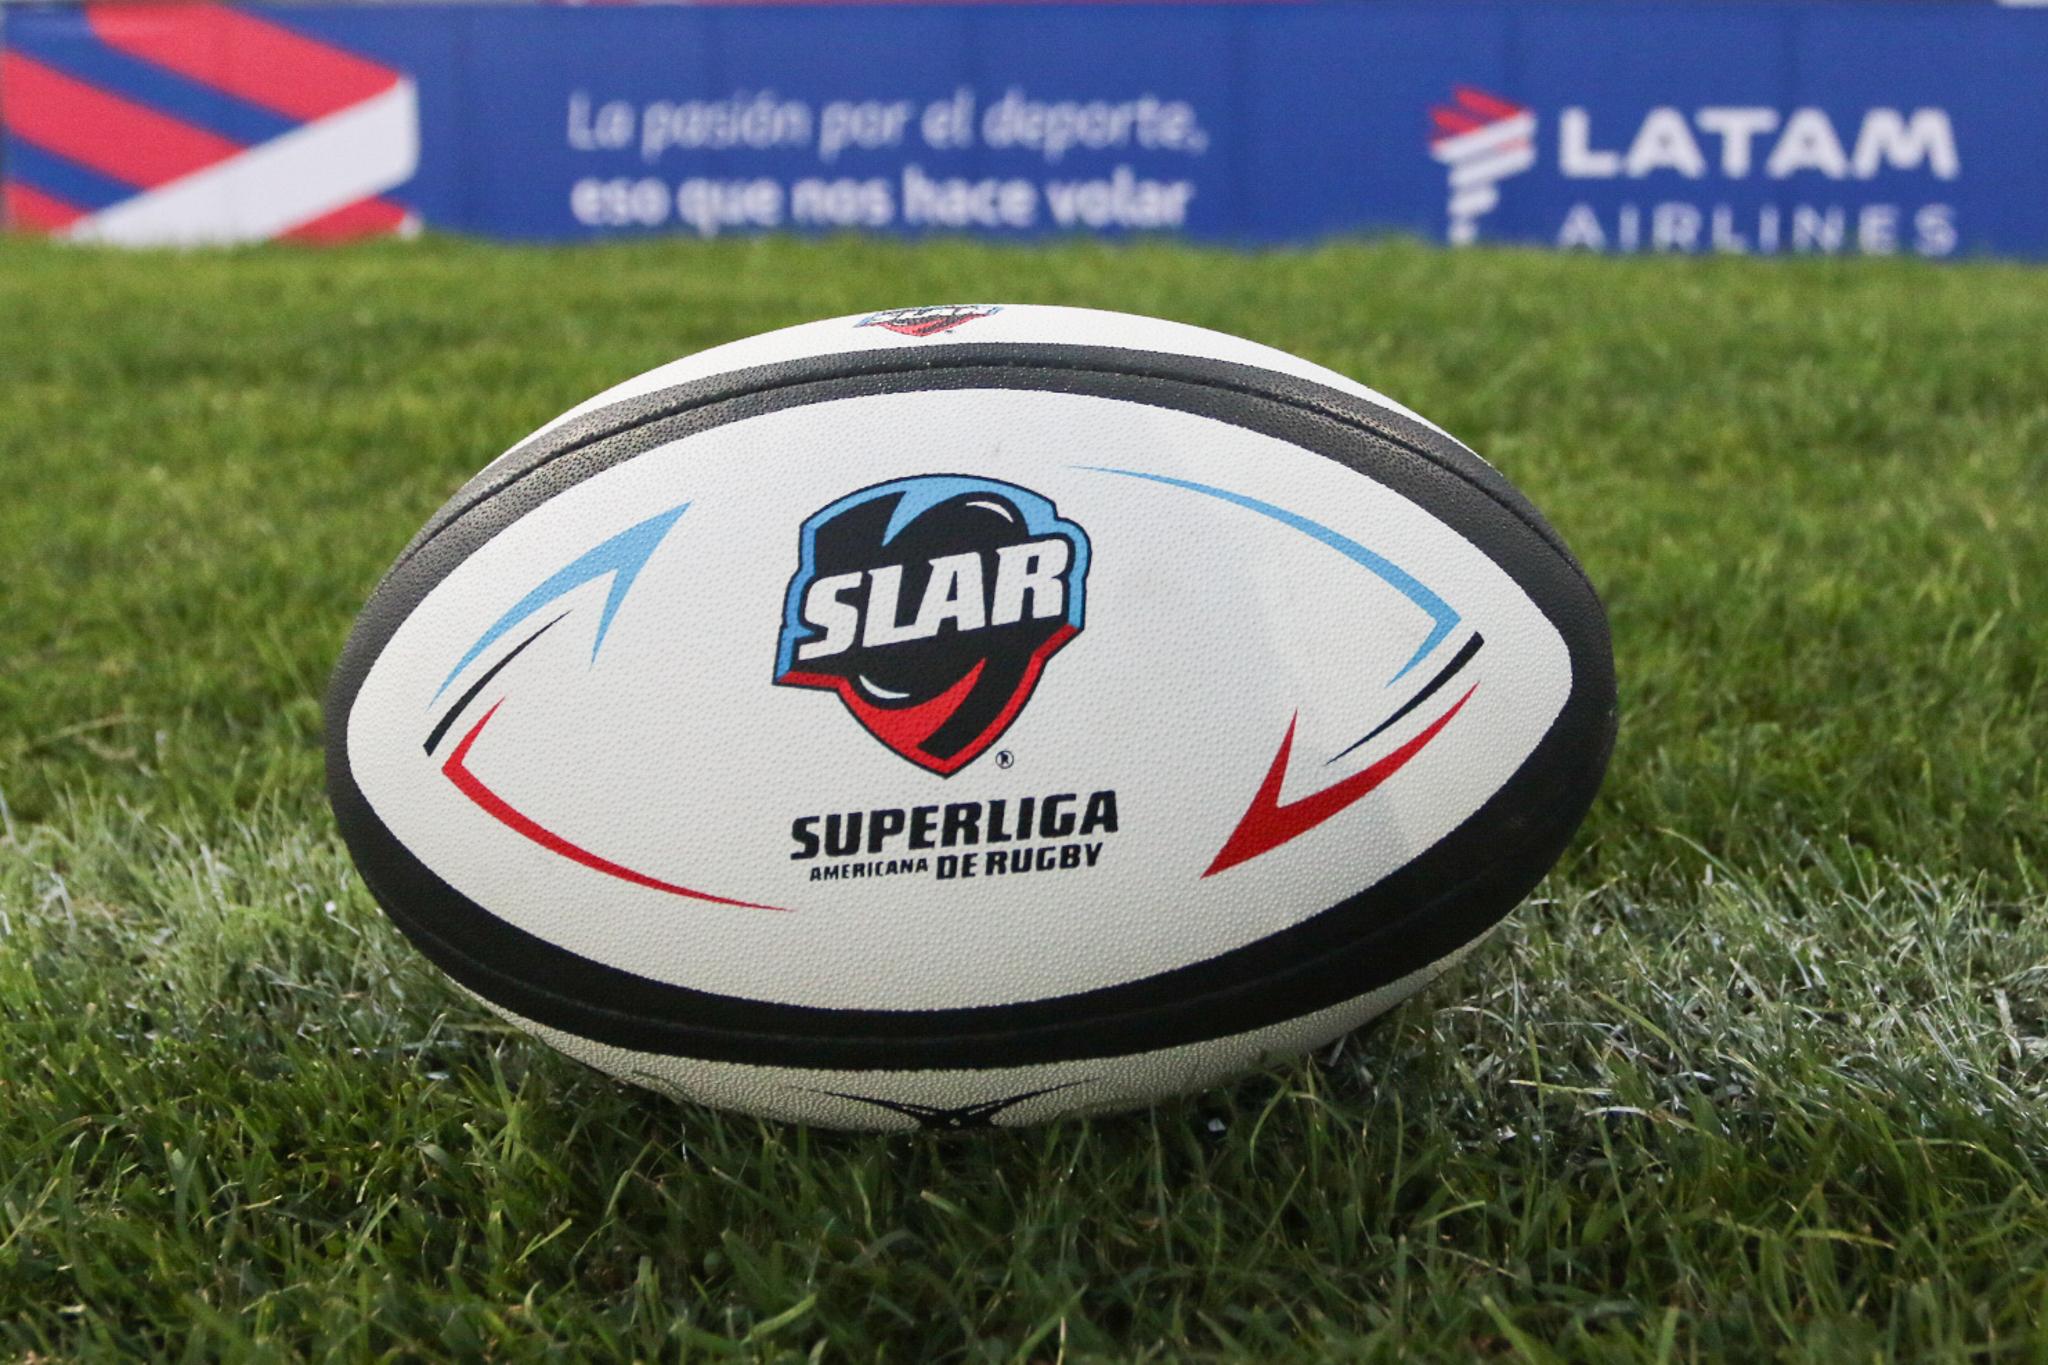 La Previa de la Final de la Superliga Americana de Rugby